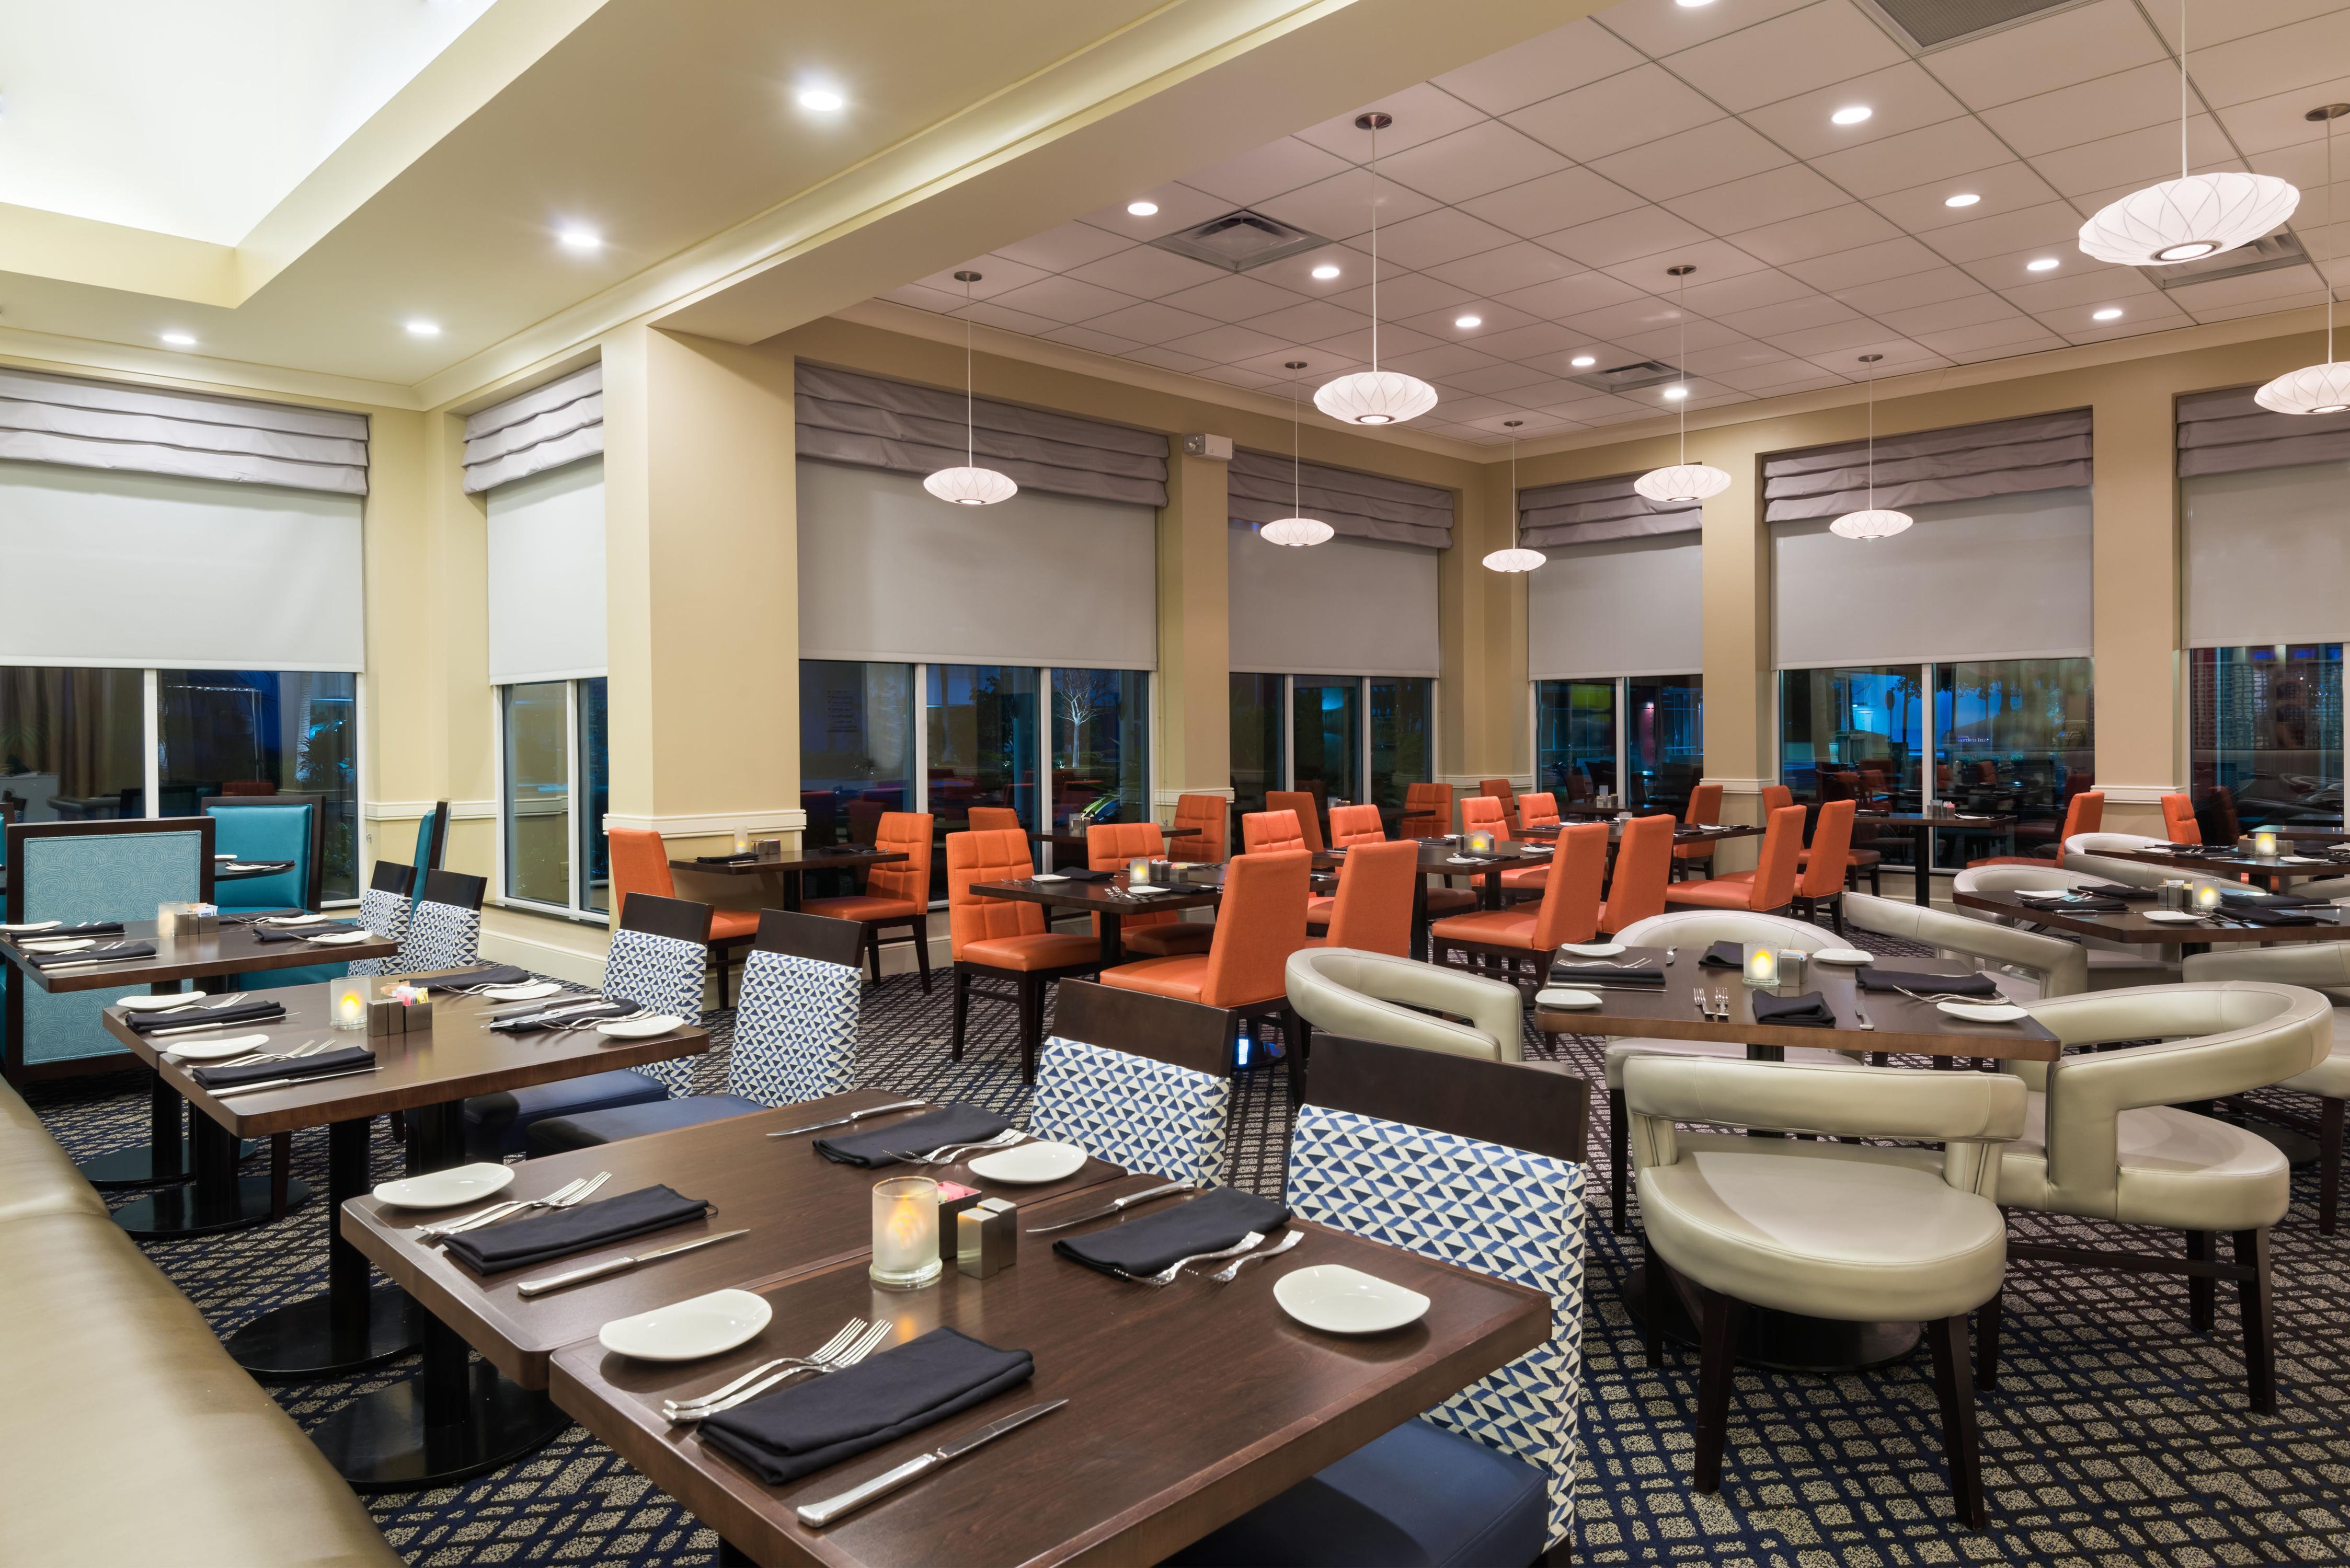 Hilton garden inn tampa airport westshore tampa fl company profile for Hilton garden inn tampa airport